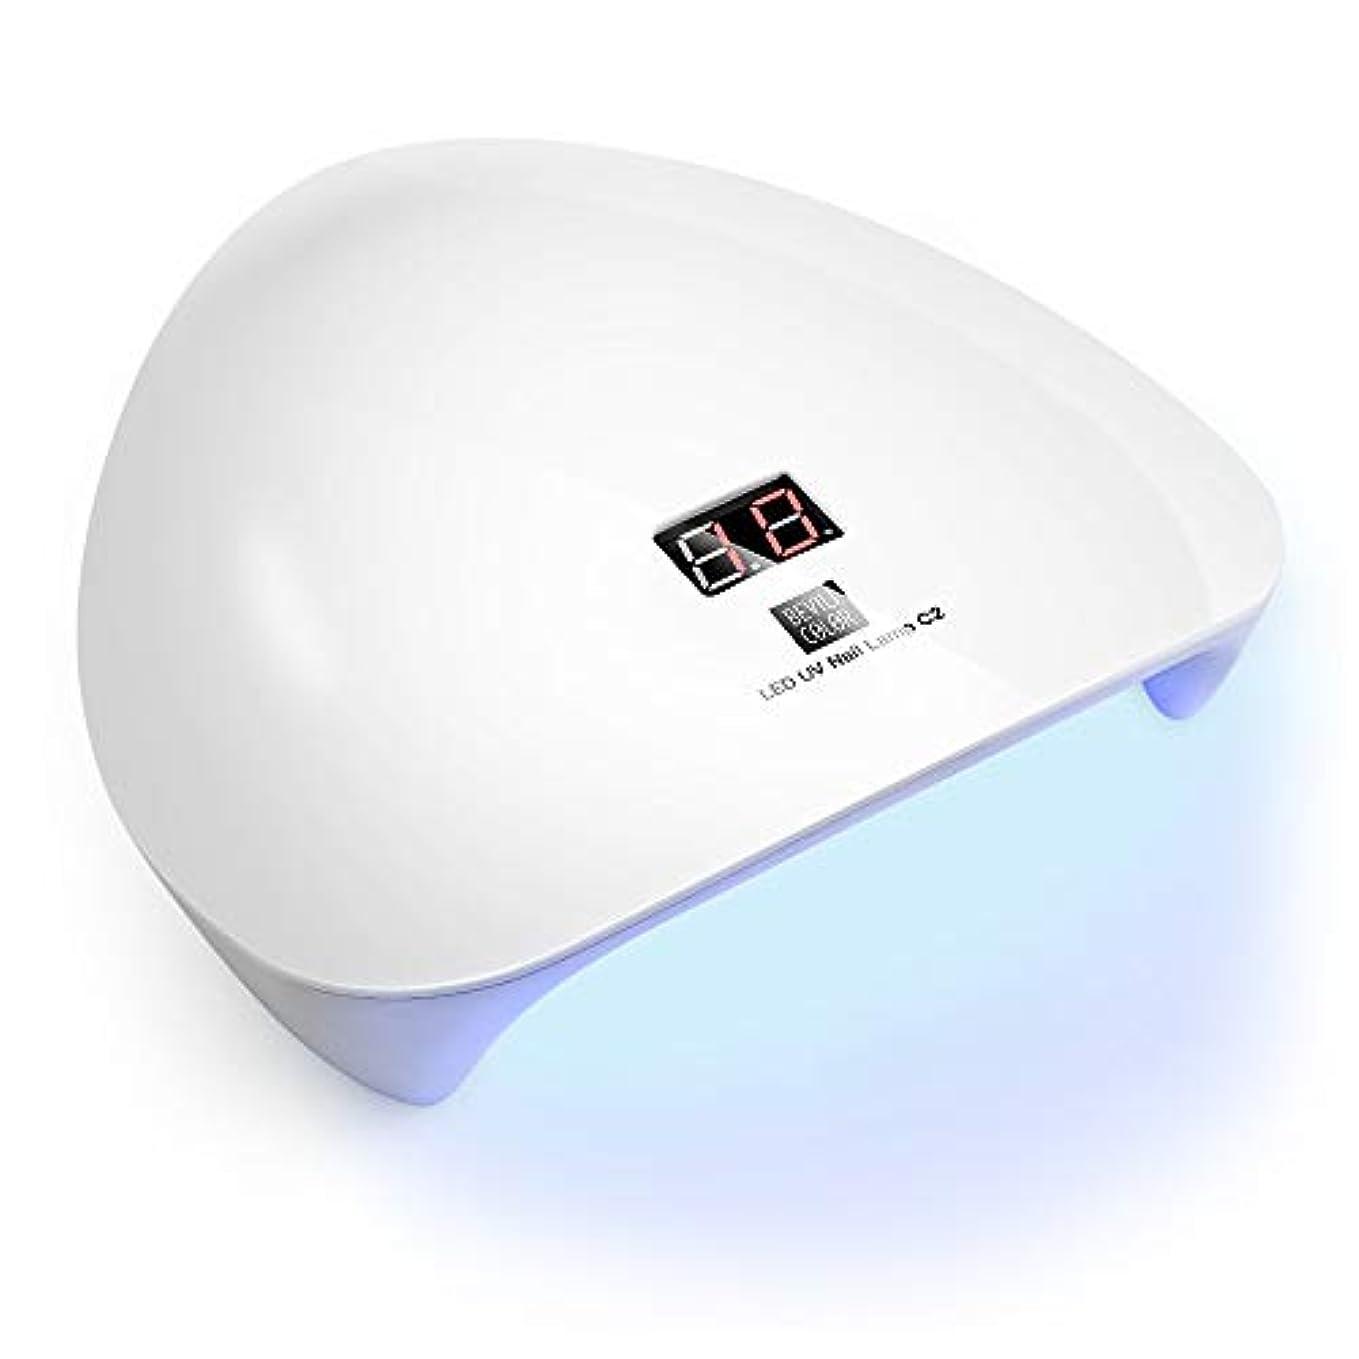 気分テレマコス誕生日WEVILI ネイル硬化用ライト UVライト LEDライト UVライトネイルドライヤー マニキュア用 LED ネイルドライヤー タイマー機能 自動センサー機能 レジンにも便利